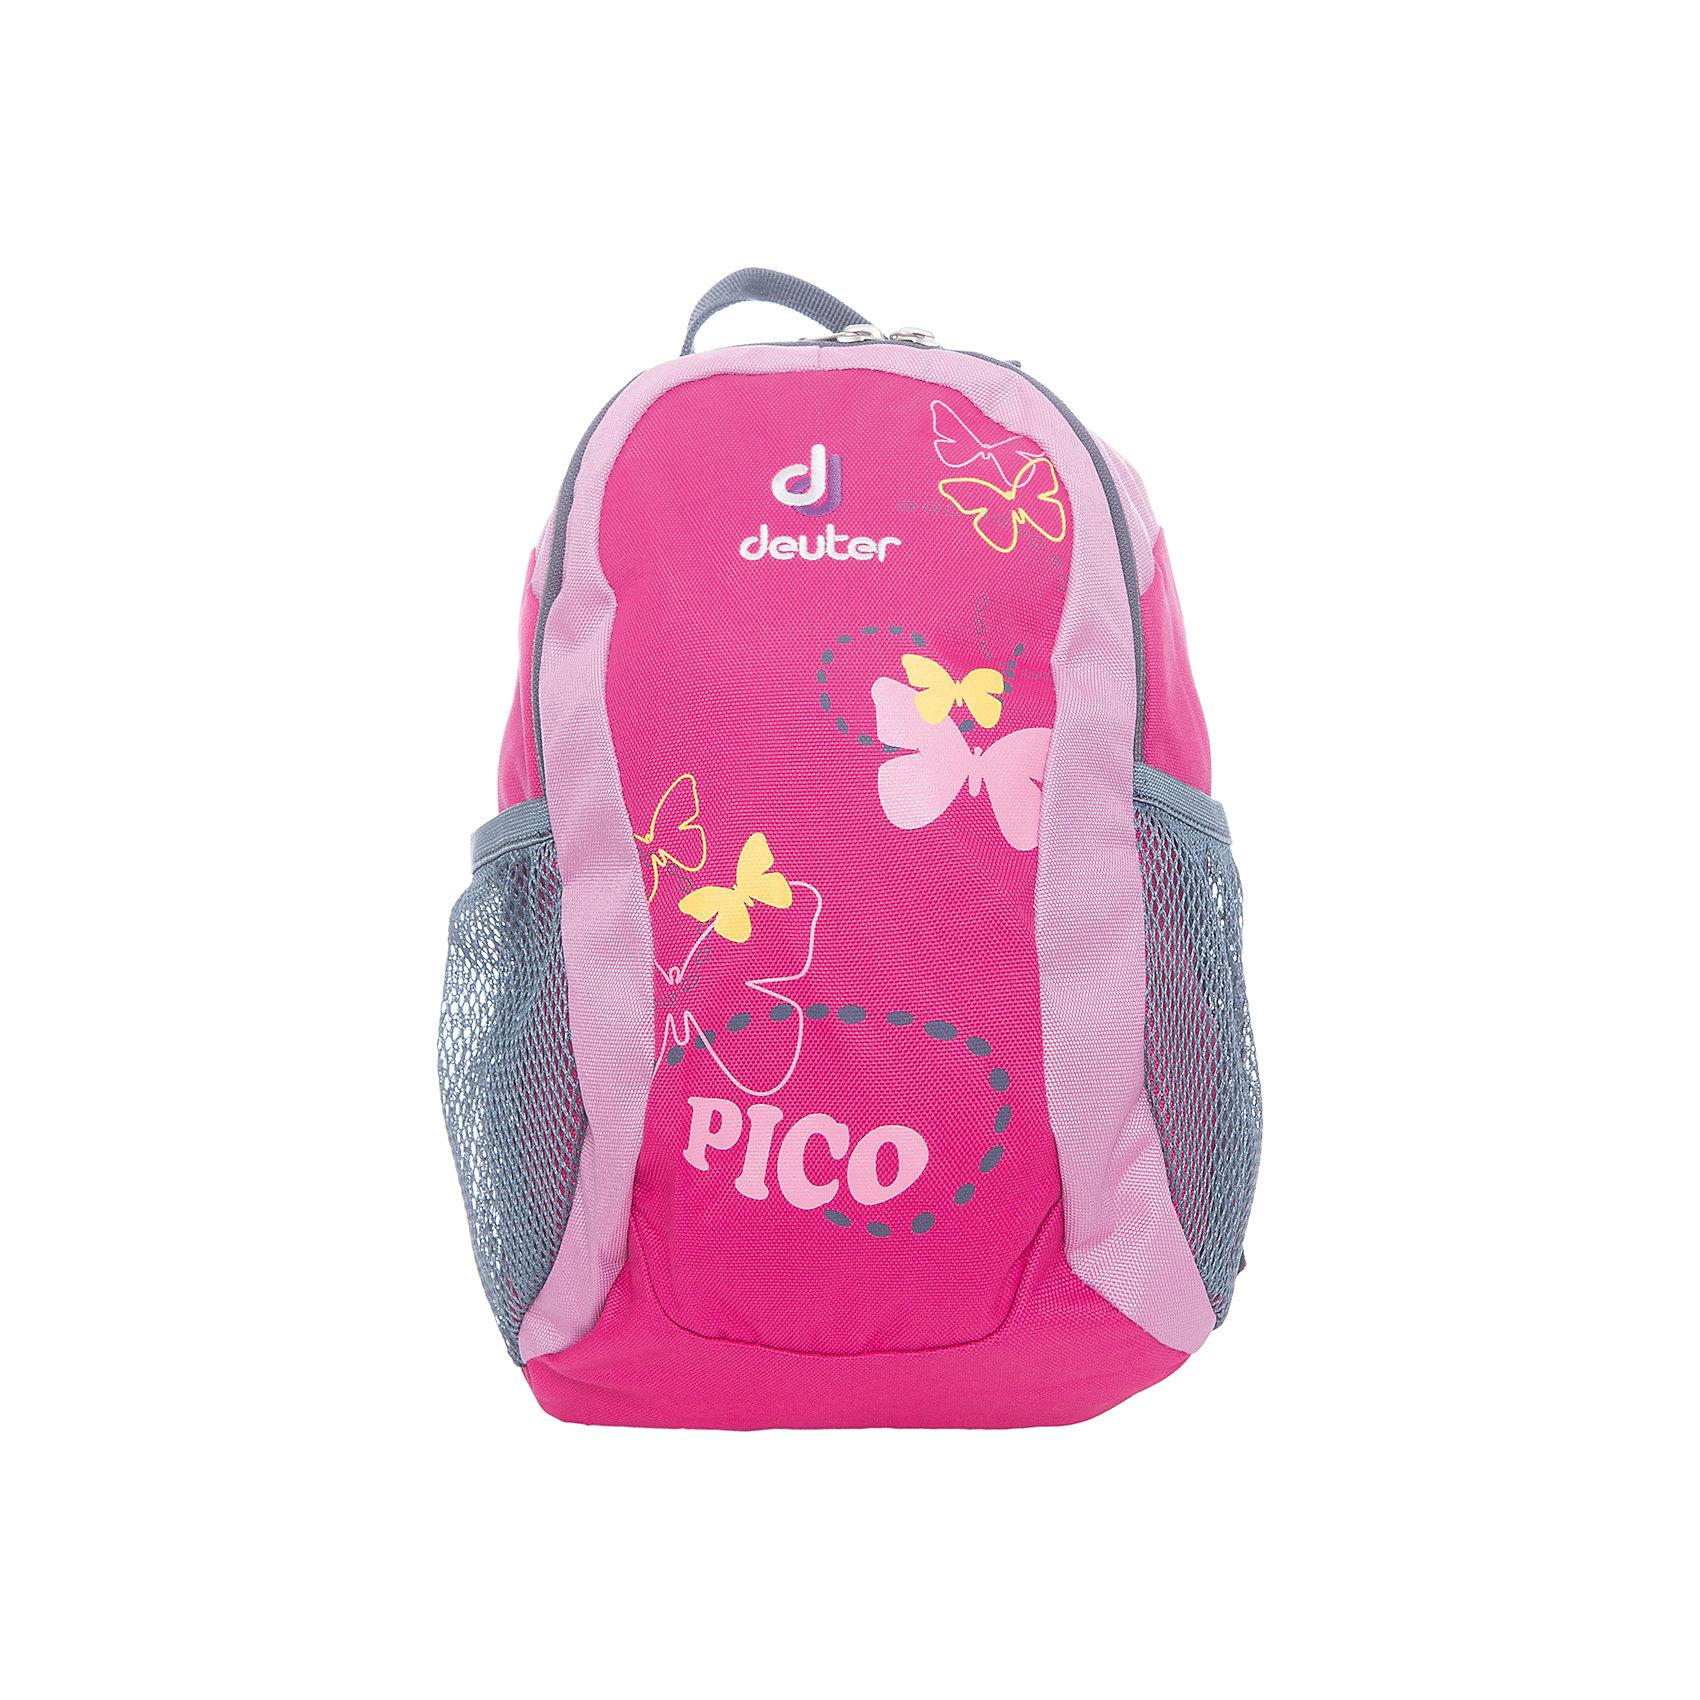 Deuter Рюкзак детский Pico, розовыйДорожные сумки и чемоданы<br>Рюкзак Pico, розовый, Deuter (Дойтер)<br><br>Характеристики:<br><br>• регулируемые лямки <br>• нагрудный ремень<br>• удобная ручка<br>• мягкая спинка<br>• два сетчатых боковых кармана<br>• количество отделений: 1<br>• тип застежки: молния<br>• размер: 28х19х12 см<br>• вес: 200 грамм<br>• материал: нейлон<br>• объем: 5 л<br>• цвет: розовый<br>• рисунок: бабочки<br><br>Детский рюкзак Pico станет незаменимым помощником ребенка во время прогулок. Рюкзак имеет одно вместительное отделение на молнии и 2 сетчатых кармана по бокам. Боковые карманы оснащены плотной резинкой, благодаря которой вещи сохранятся при перемещении рюкзака. Широкие регулируемые ремни и нагрудный ремень в сочетании с мягкой спинкой обеспечат удобство и правильное распределение нагрузки на спину. Небольшая ручка позволит носить рюкзак в руке при необходимости. Рюкзаку Pico вы смело можете доверить вещи малыша!<br><br>Рюкзак Pico, розовый, Deuter (Дойтер) вы можете купить в нашем интернет-магазине.<br><br>Ширина мм: 120<br>Глубина мм: 190<br>Высота мм: 280<br>Вес г: 200<br>Возраст от месяцев: 24<br>Возраст до месяцев: 84<br>Пол: Женский<br>Возраст: Детский<br>SKU: 4782515